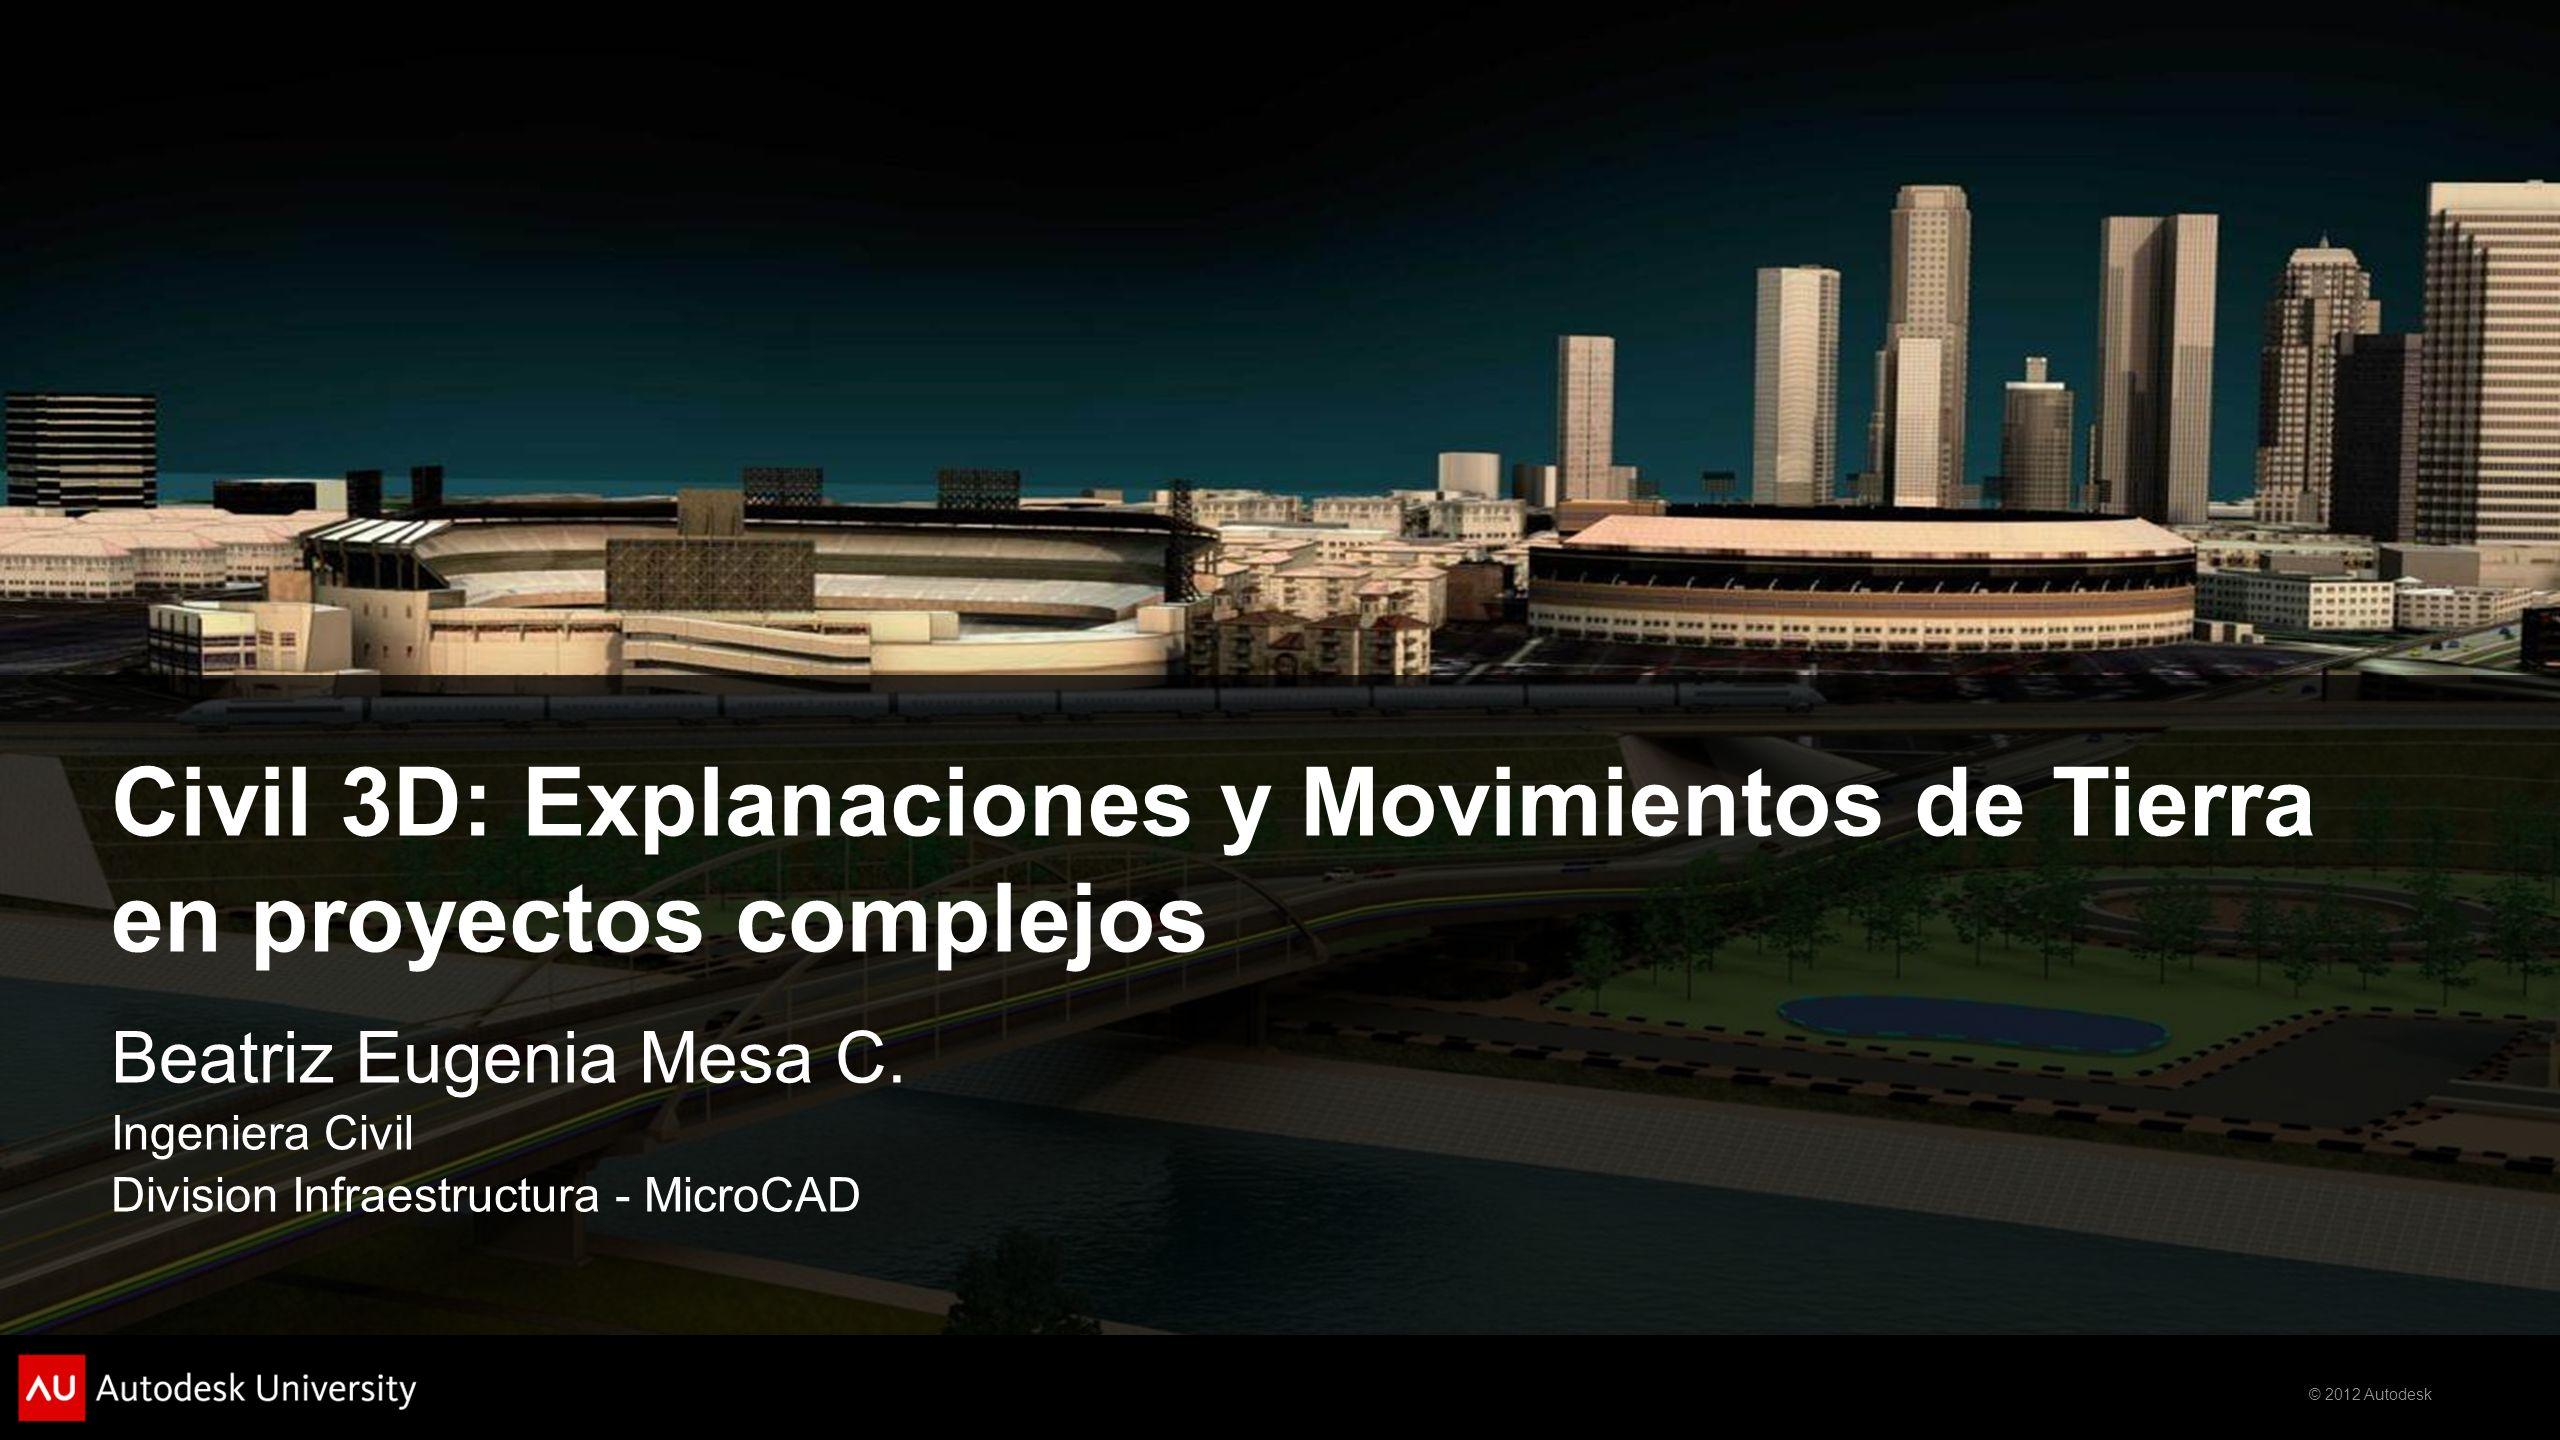 Civil 3D: Explanaciones y Movimientos de Tierra en proyectos complejos